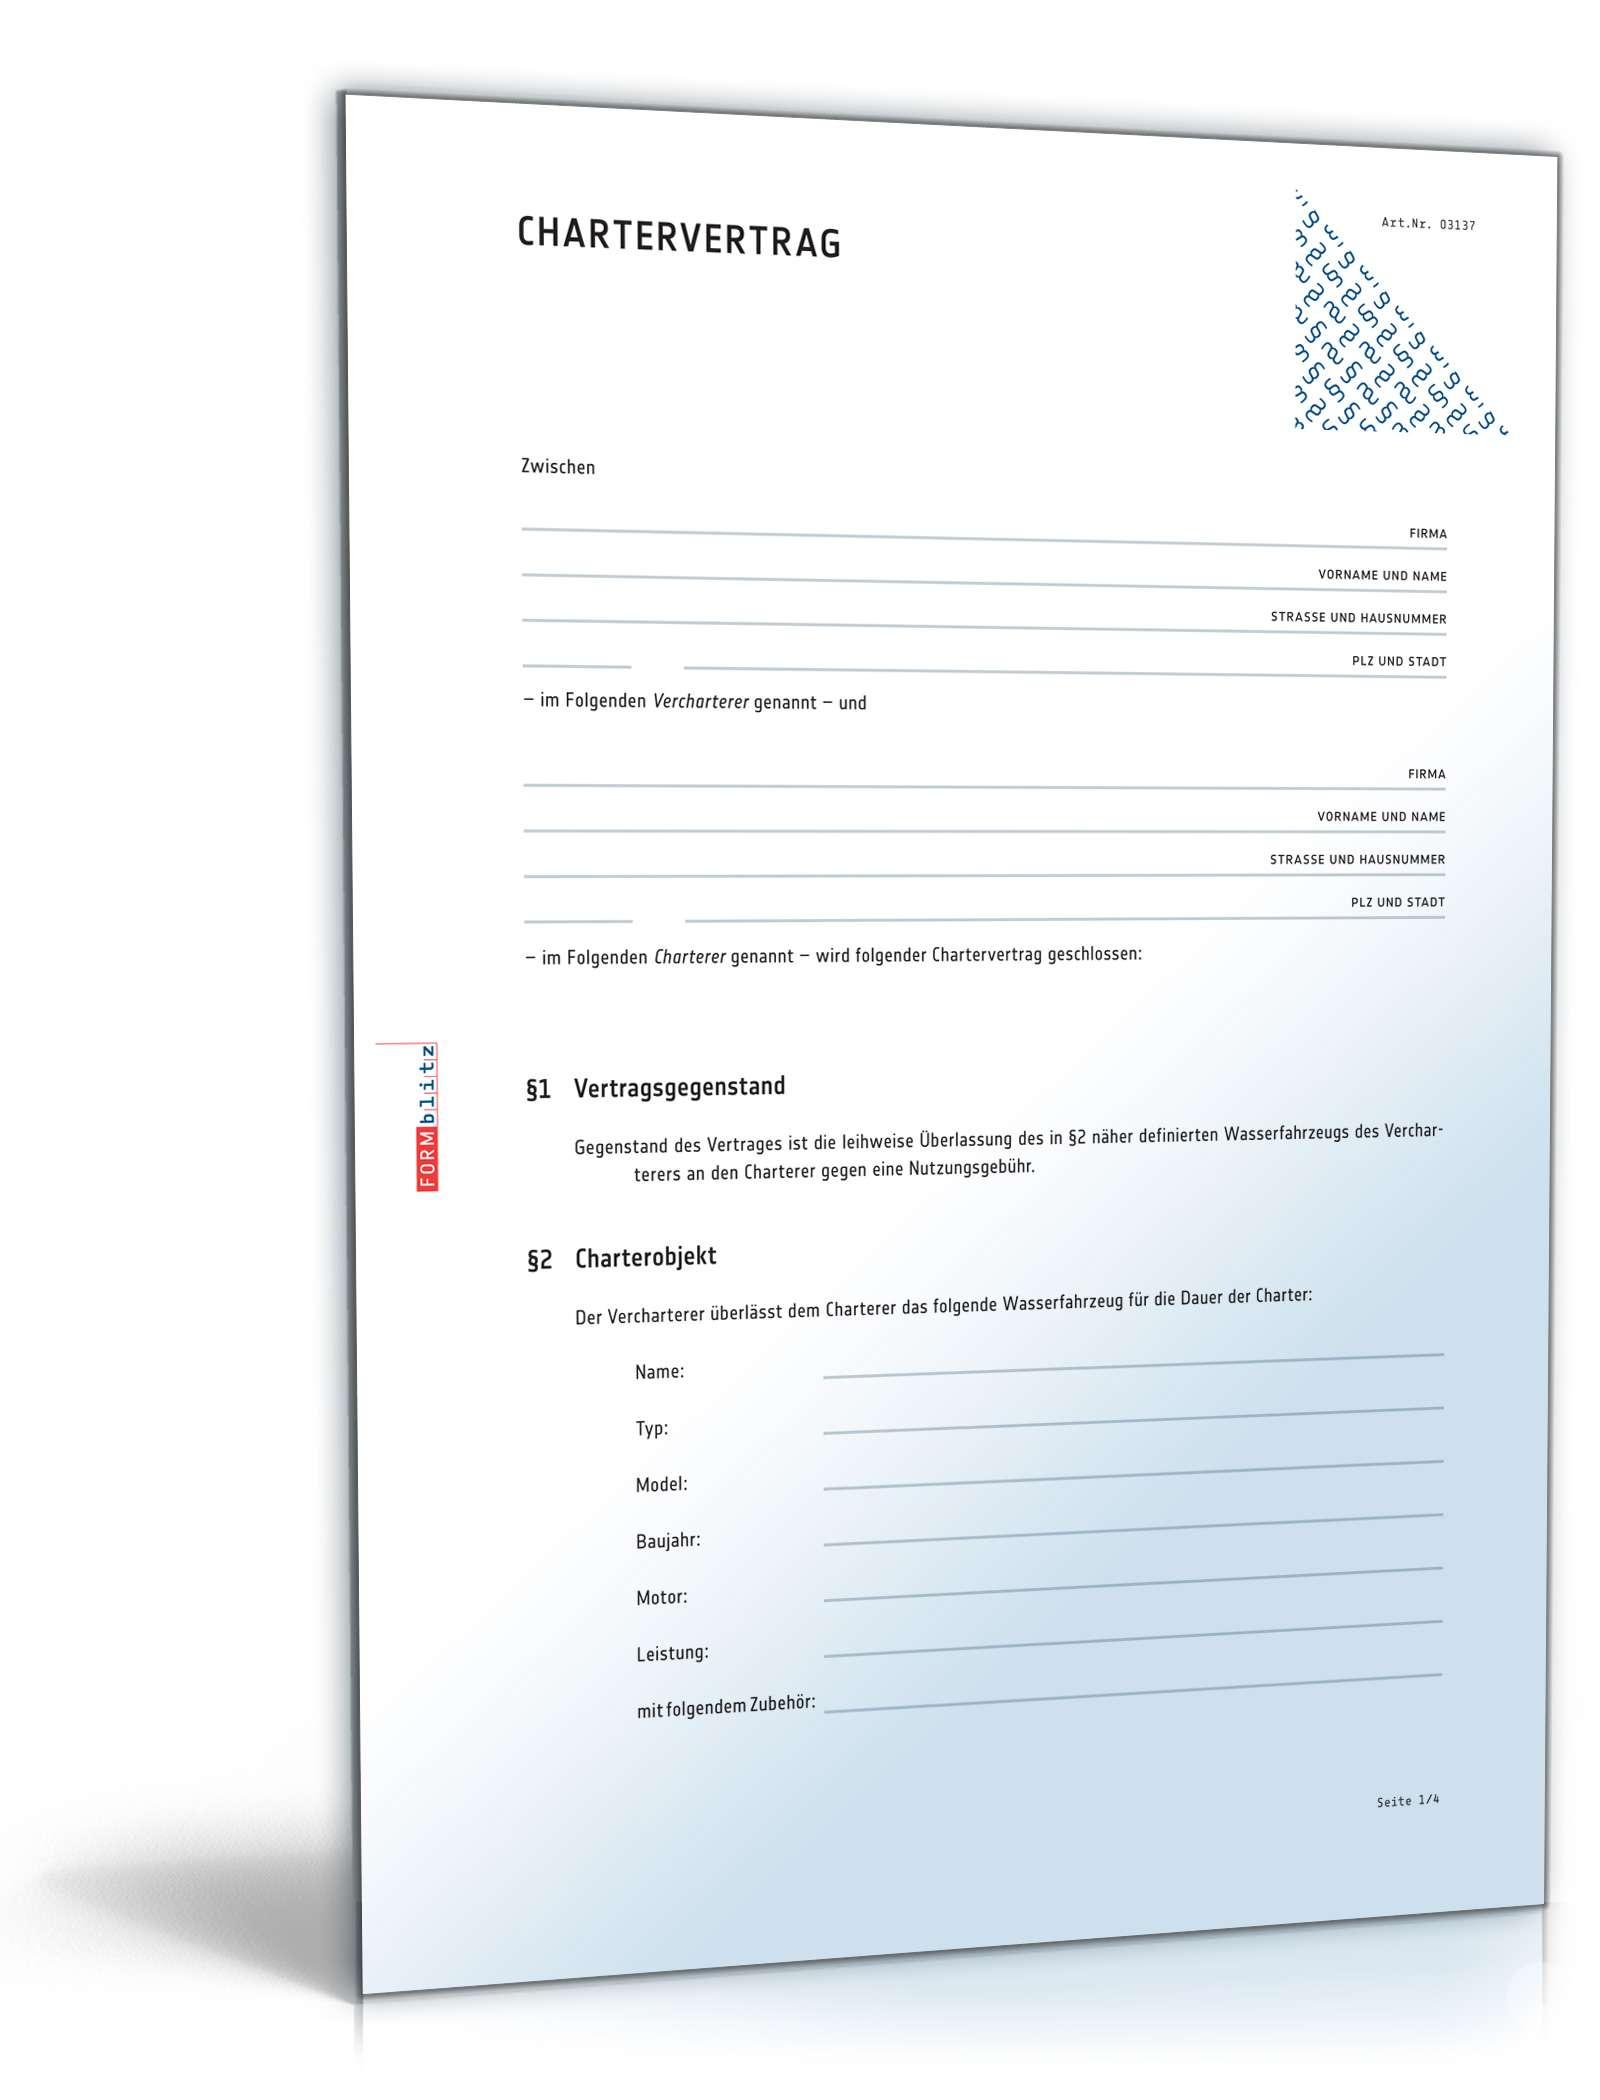 Küche Im Mietvertrag Zur Nutzung Überlassen ~ chartervertrag anwaltsgeprüftes muster zum download